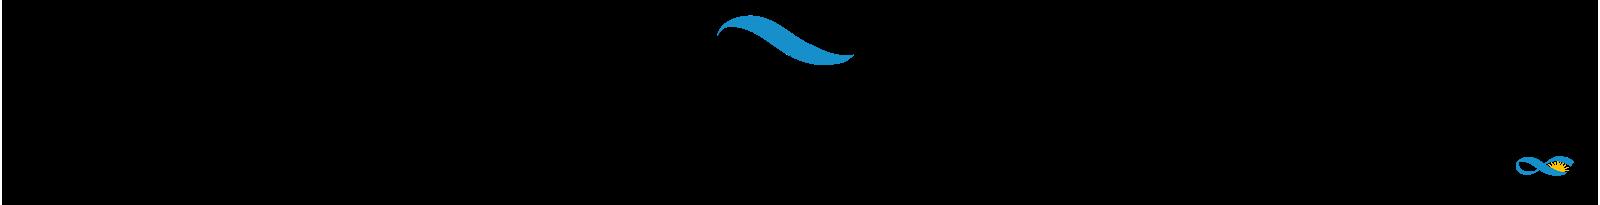 Jornadas Internacionales Ciencias Sociales y Religión CEIL-CONICET